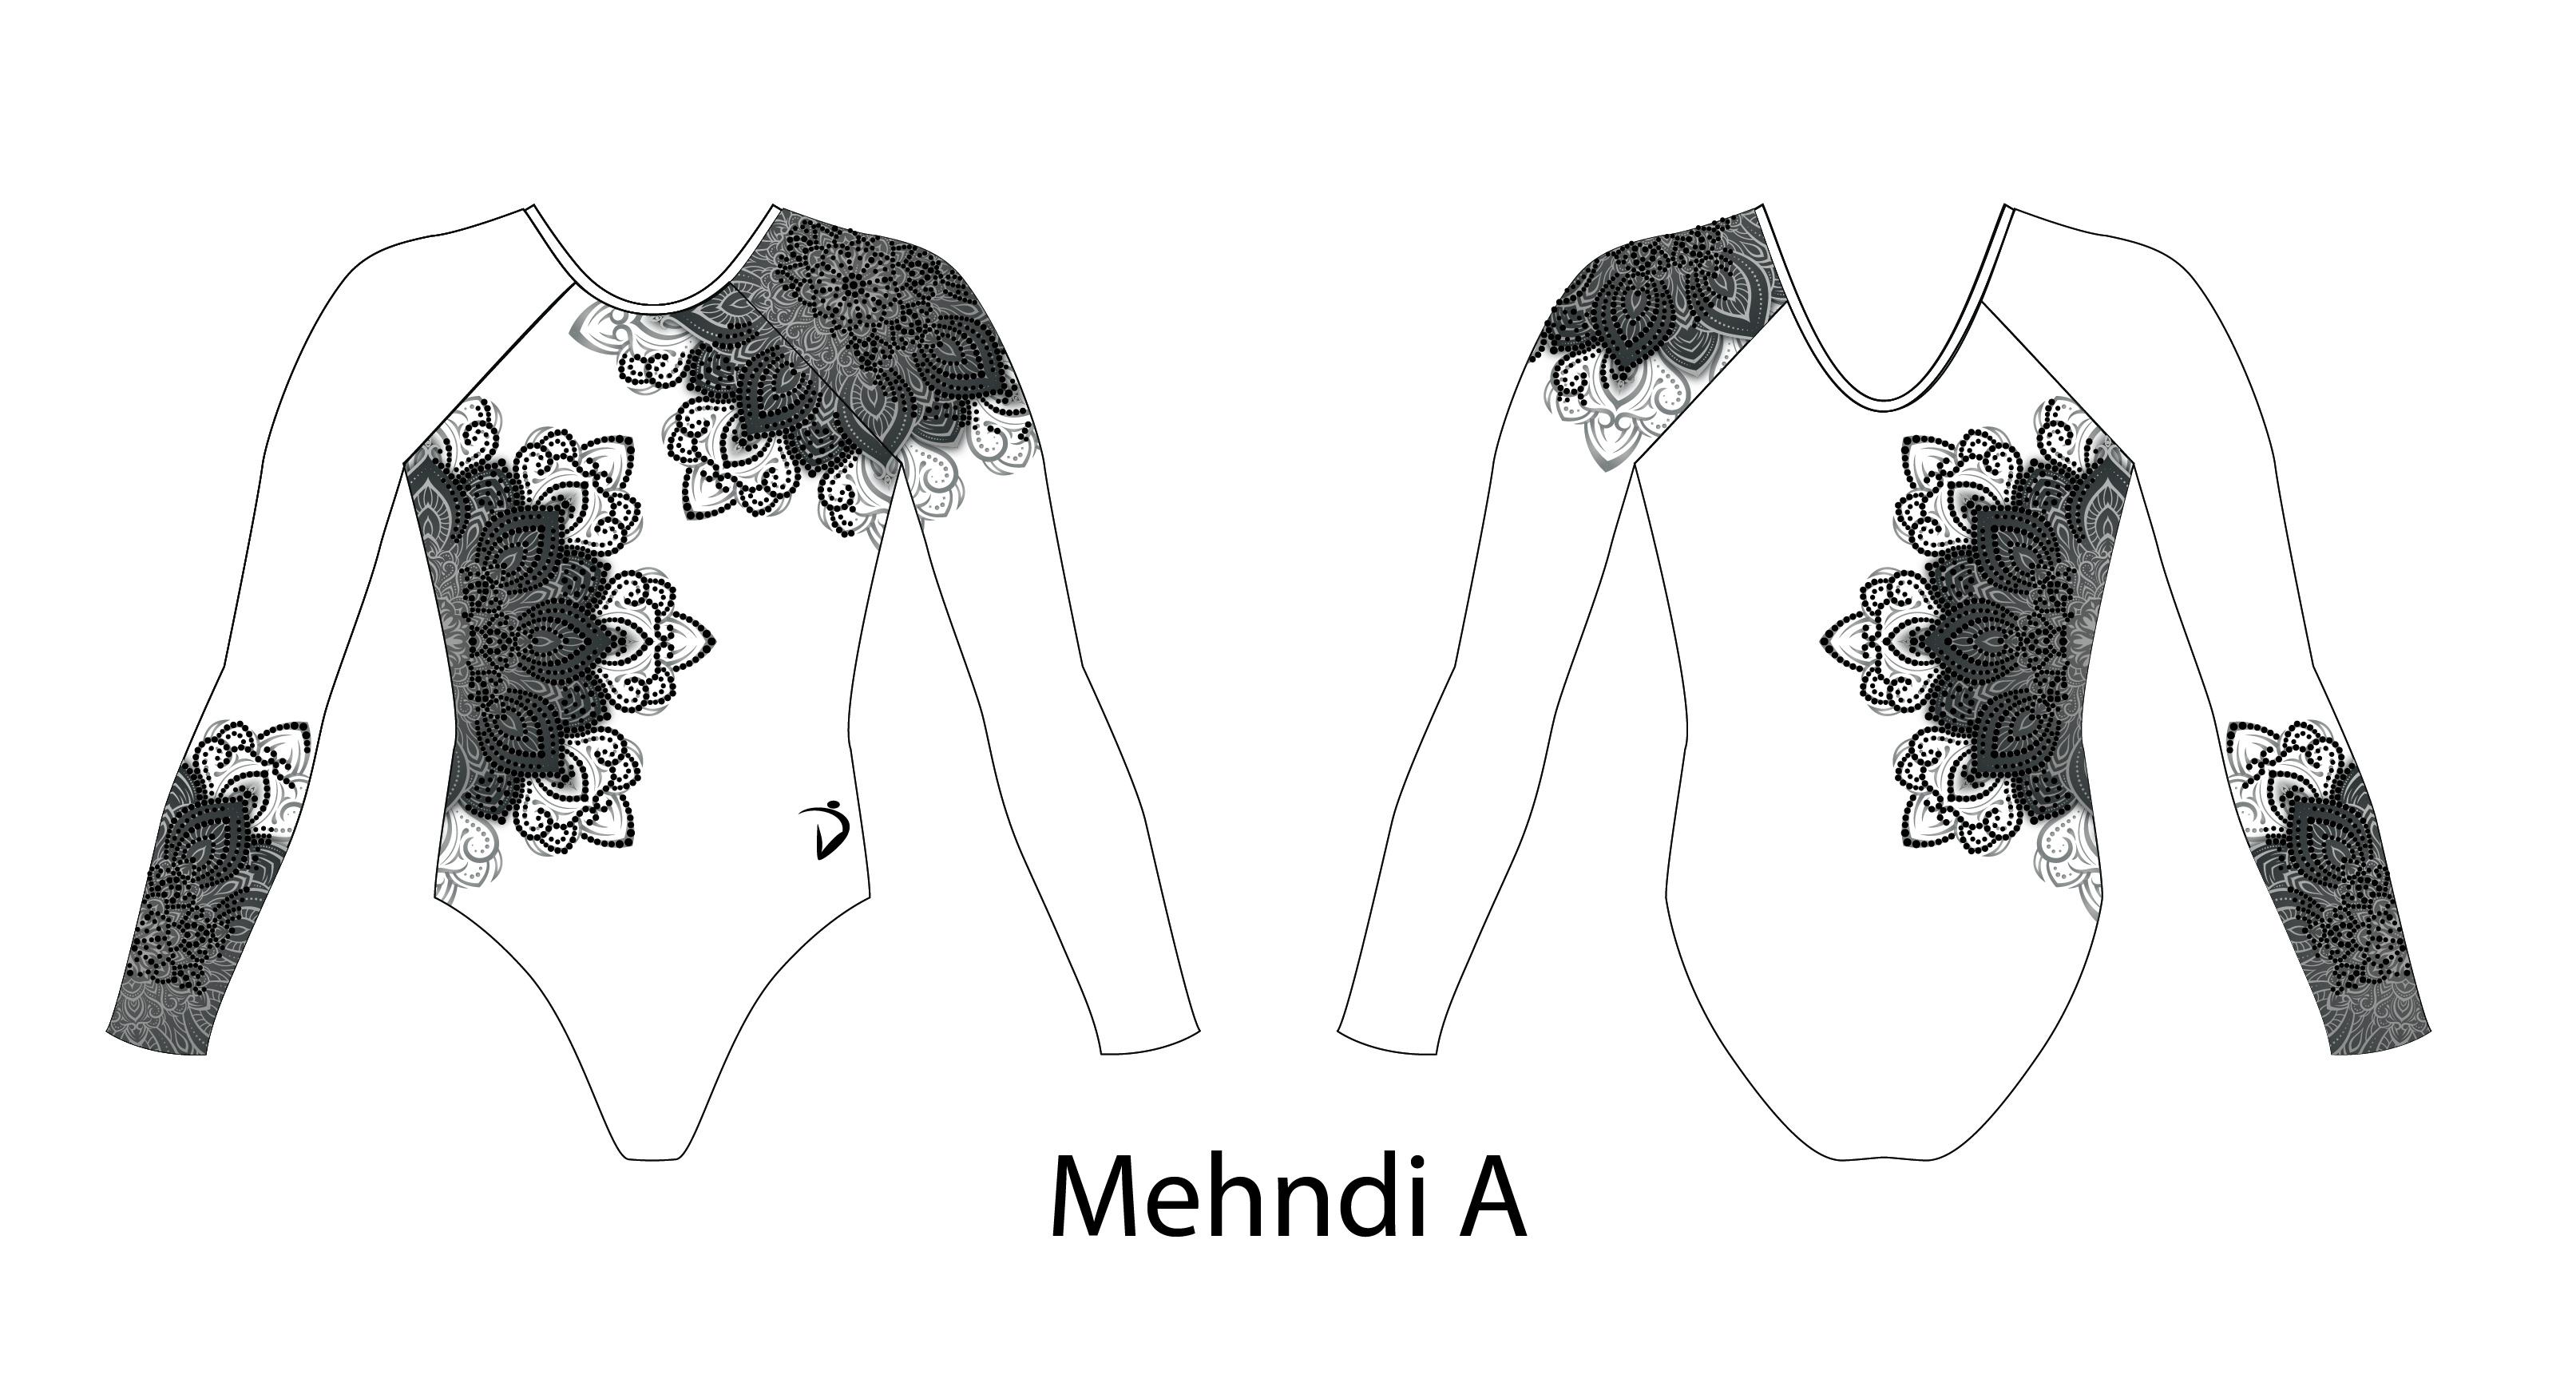 Mehndi A